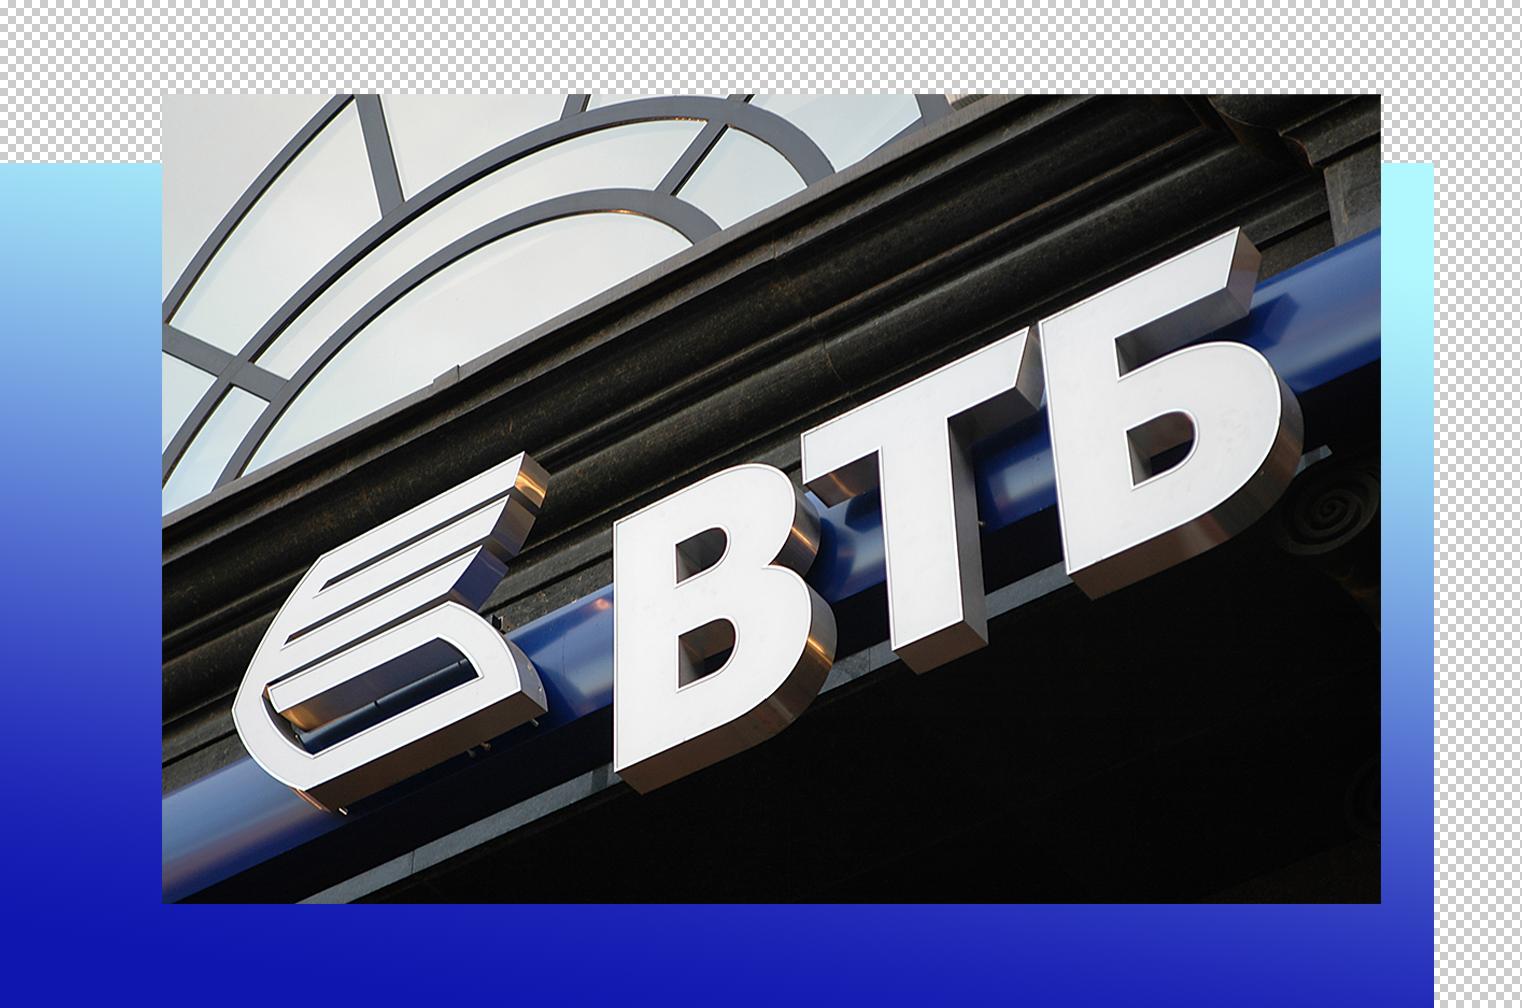 русфинанс банк оплатить кредит онлайн по номеру договора